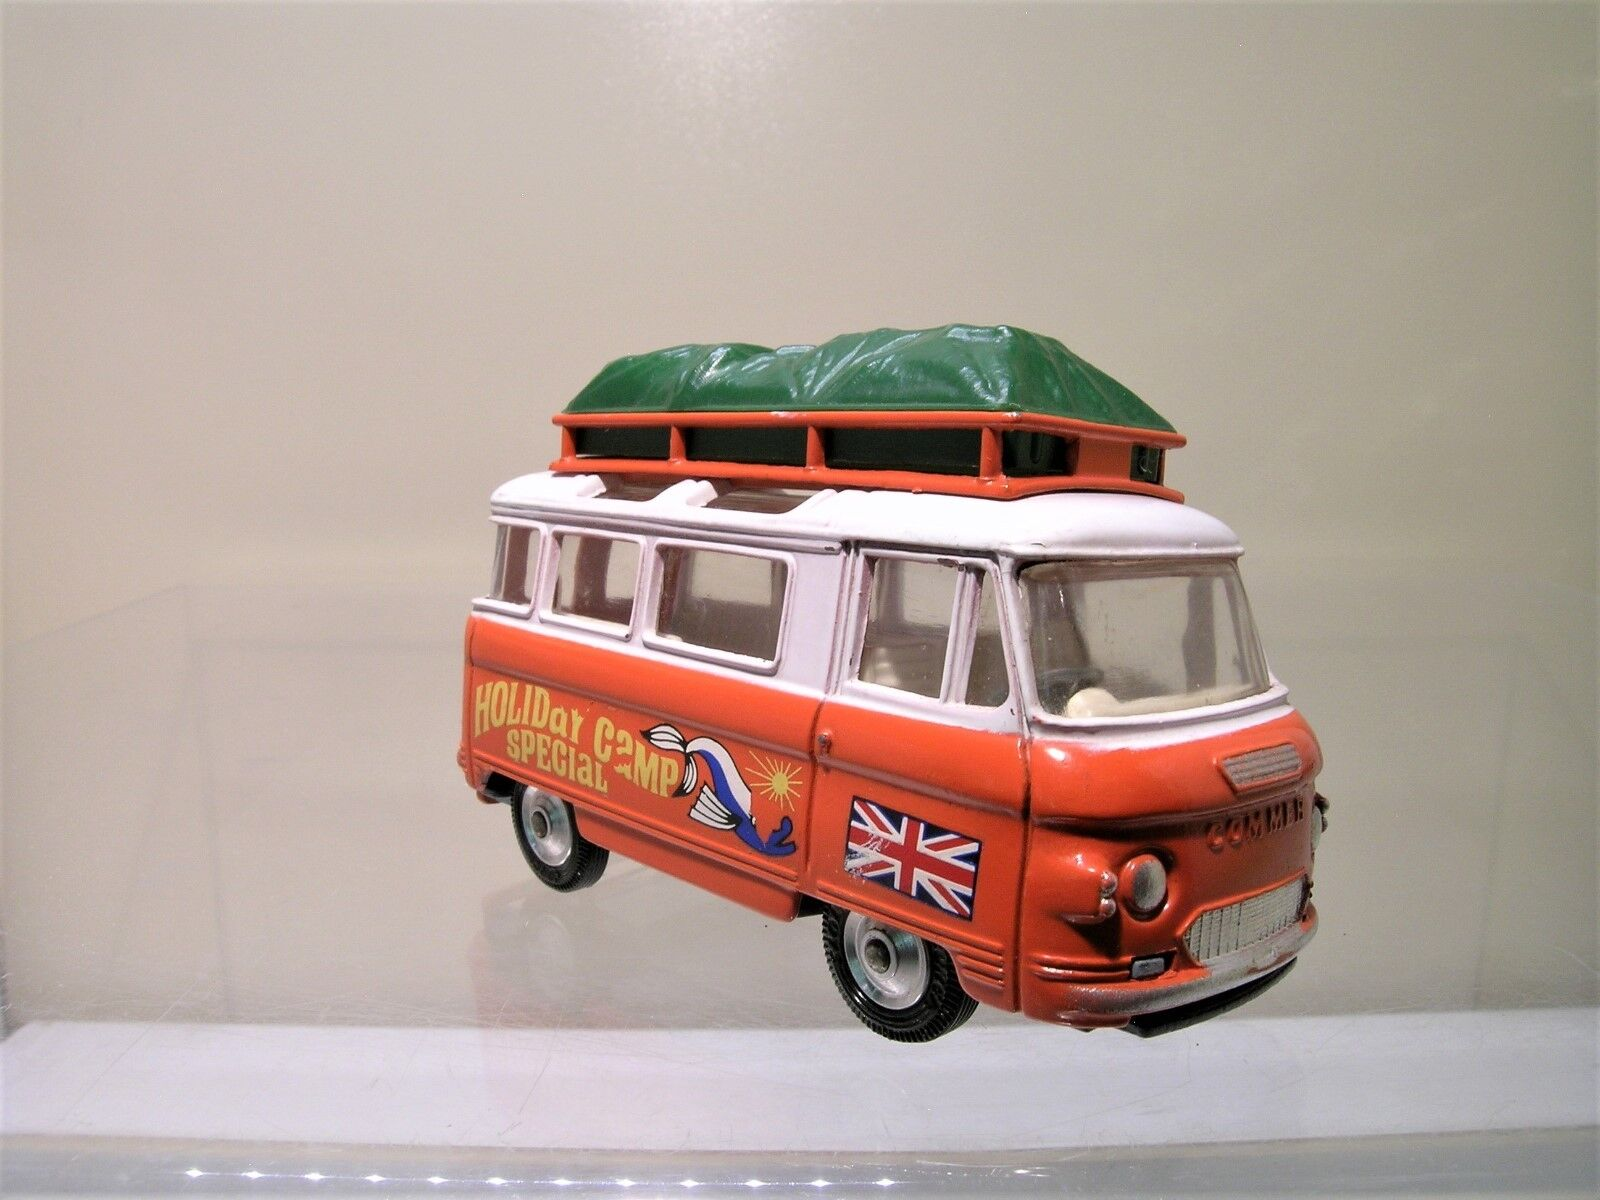 CORGI TOYS UK No.508 COMMER 2500 MINIBUS HOLIDAY CAMP SPECIAL Orange blanc 1 43